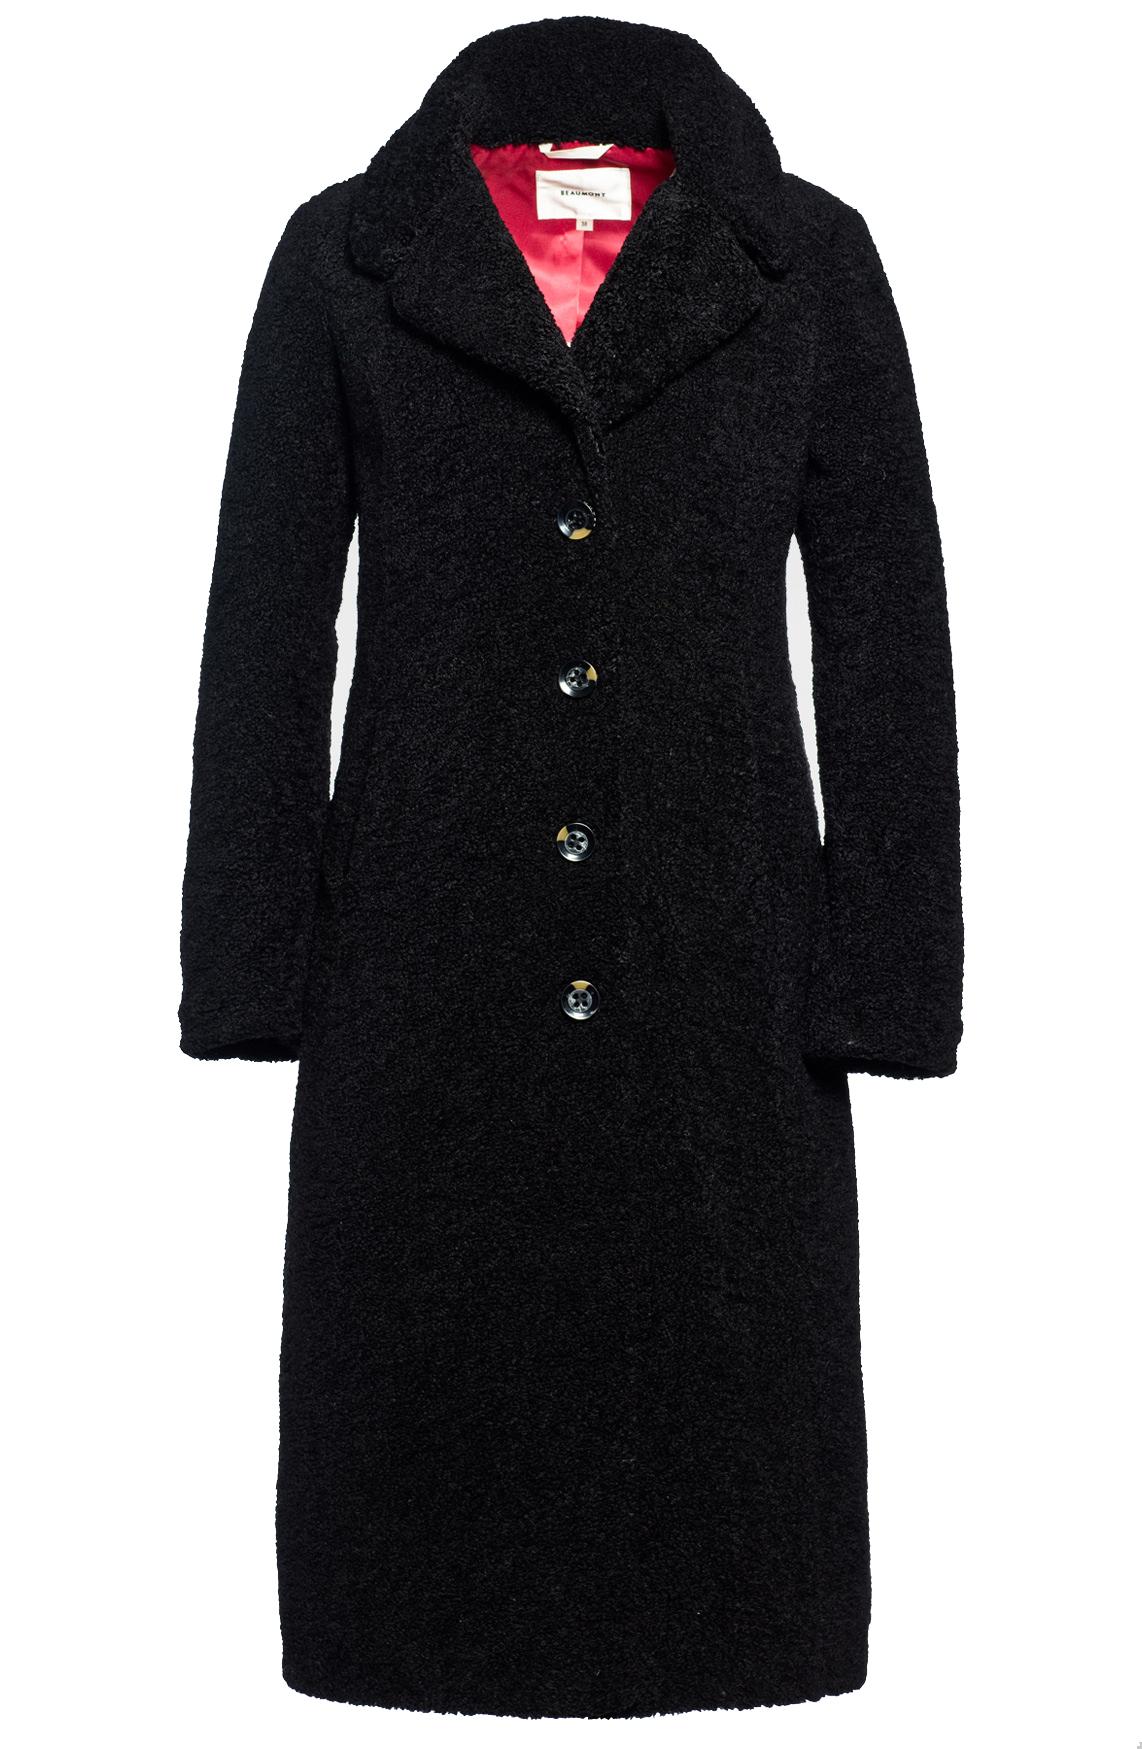 Beaumont Dames Teddy mantel zwart